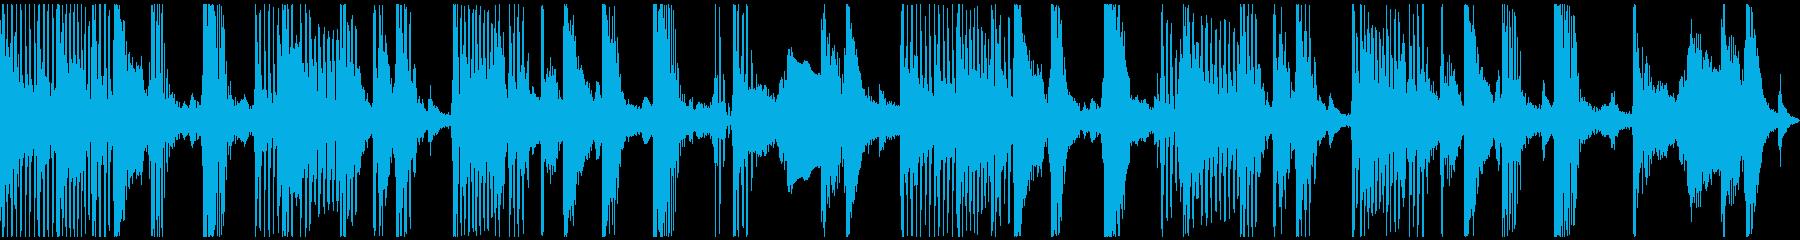 ループ。バンドサウンド。70年代風。_の再生済みの波形